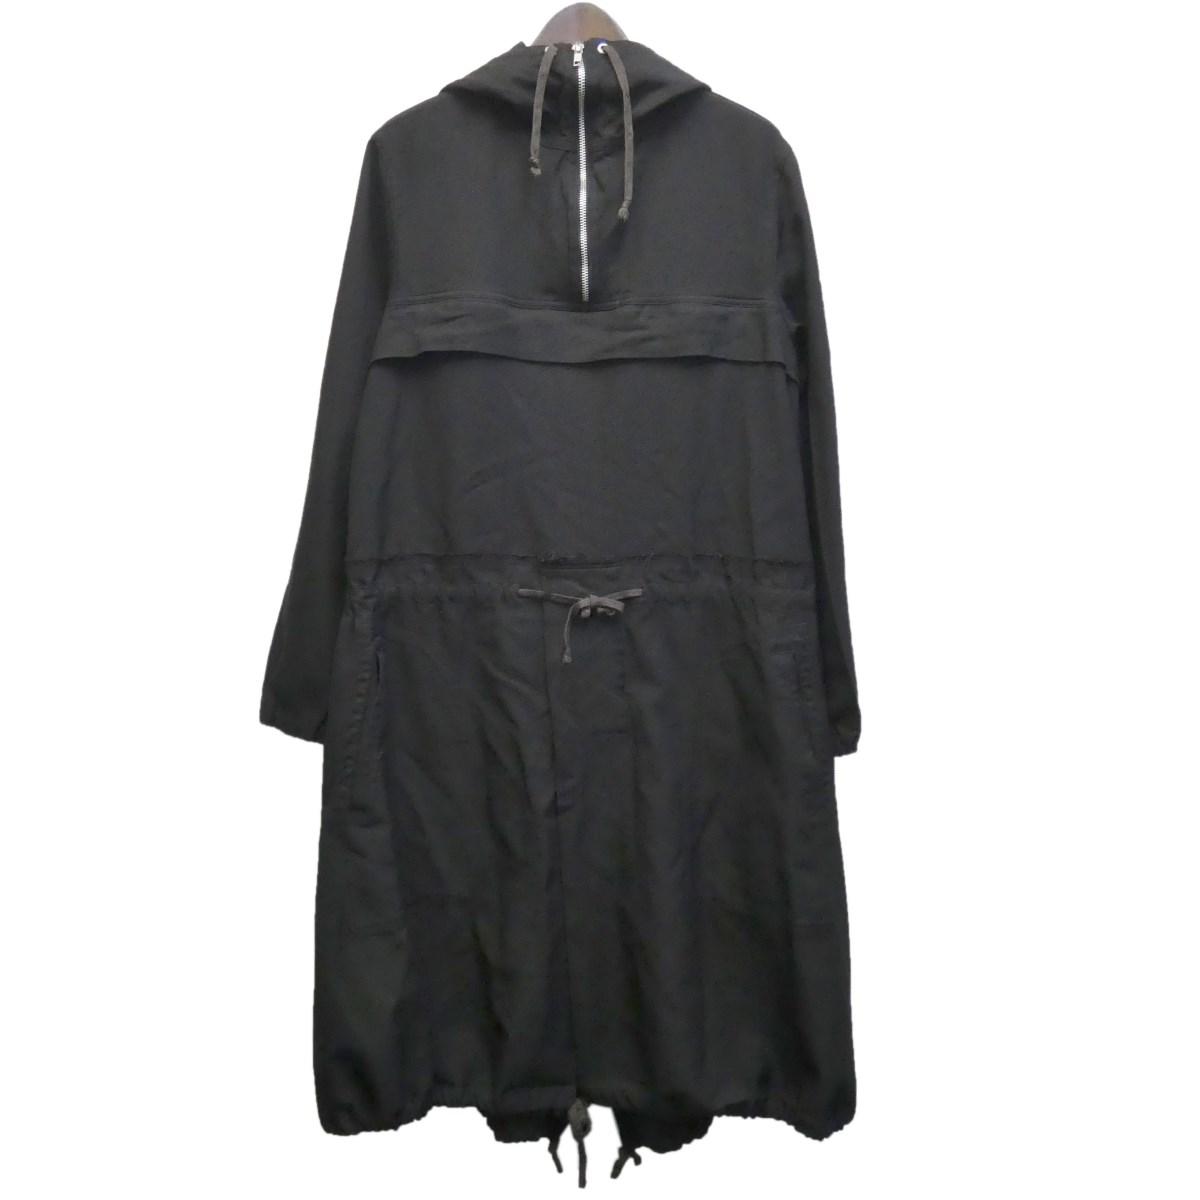 【中古】BLACK COMME des GARCONS 13AW バック刺繍ポリ縮絨ドッキングコート ブラック サイズ:XS 【220420】(ブラック コムデギャルソン)